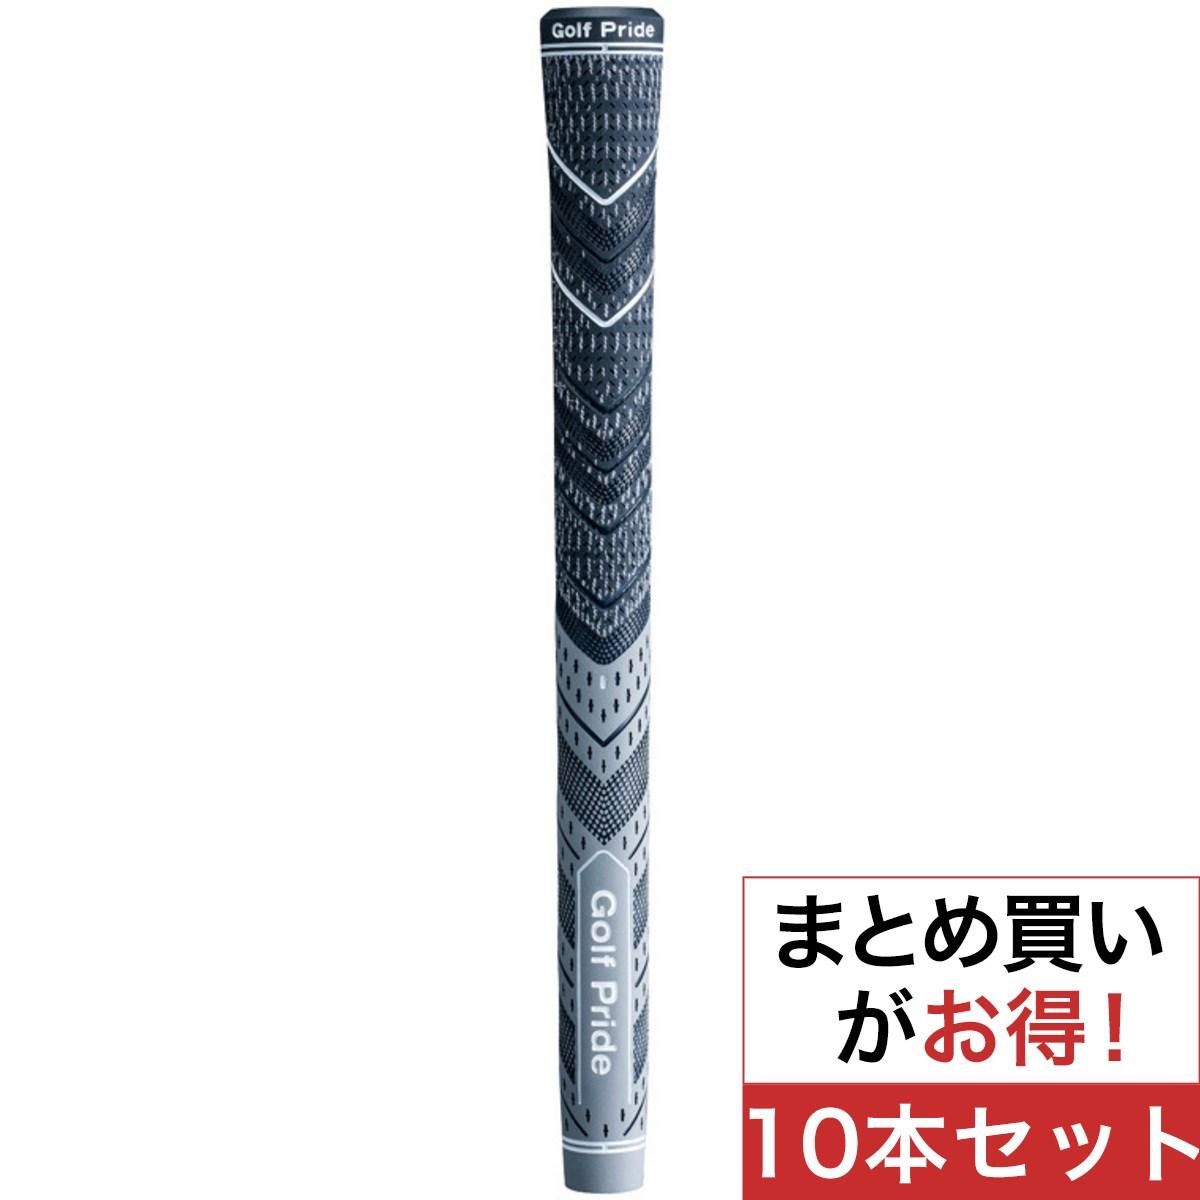 ゴルフプライド MCCプラス4 ミッド グリップ 10本セット